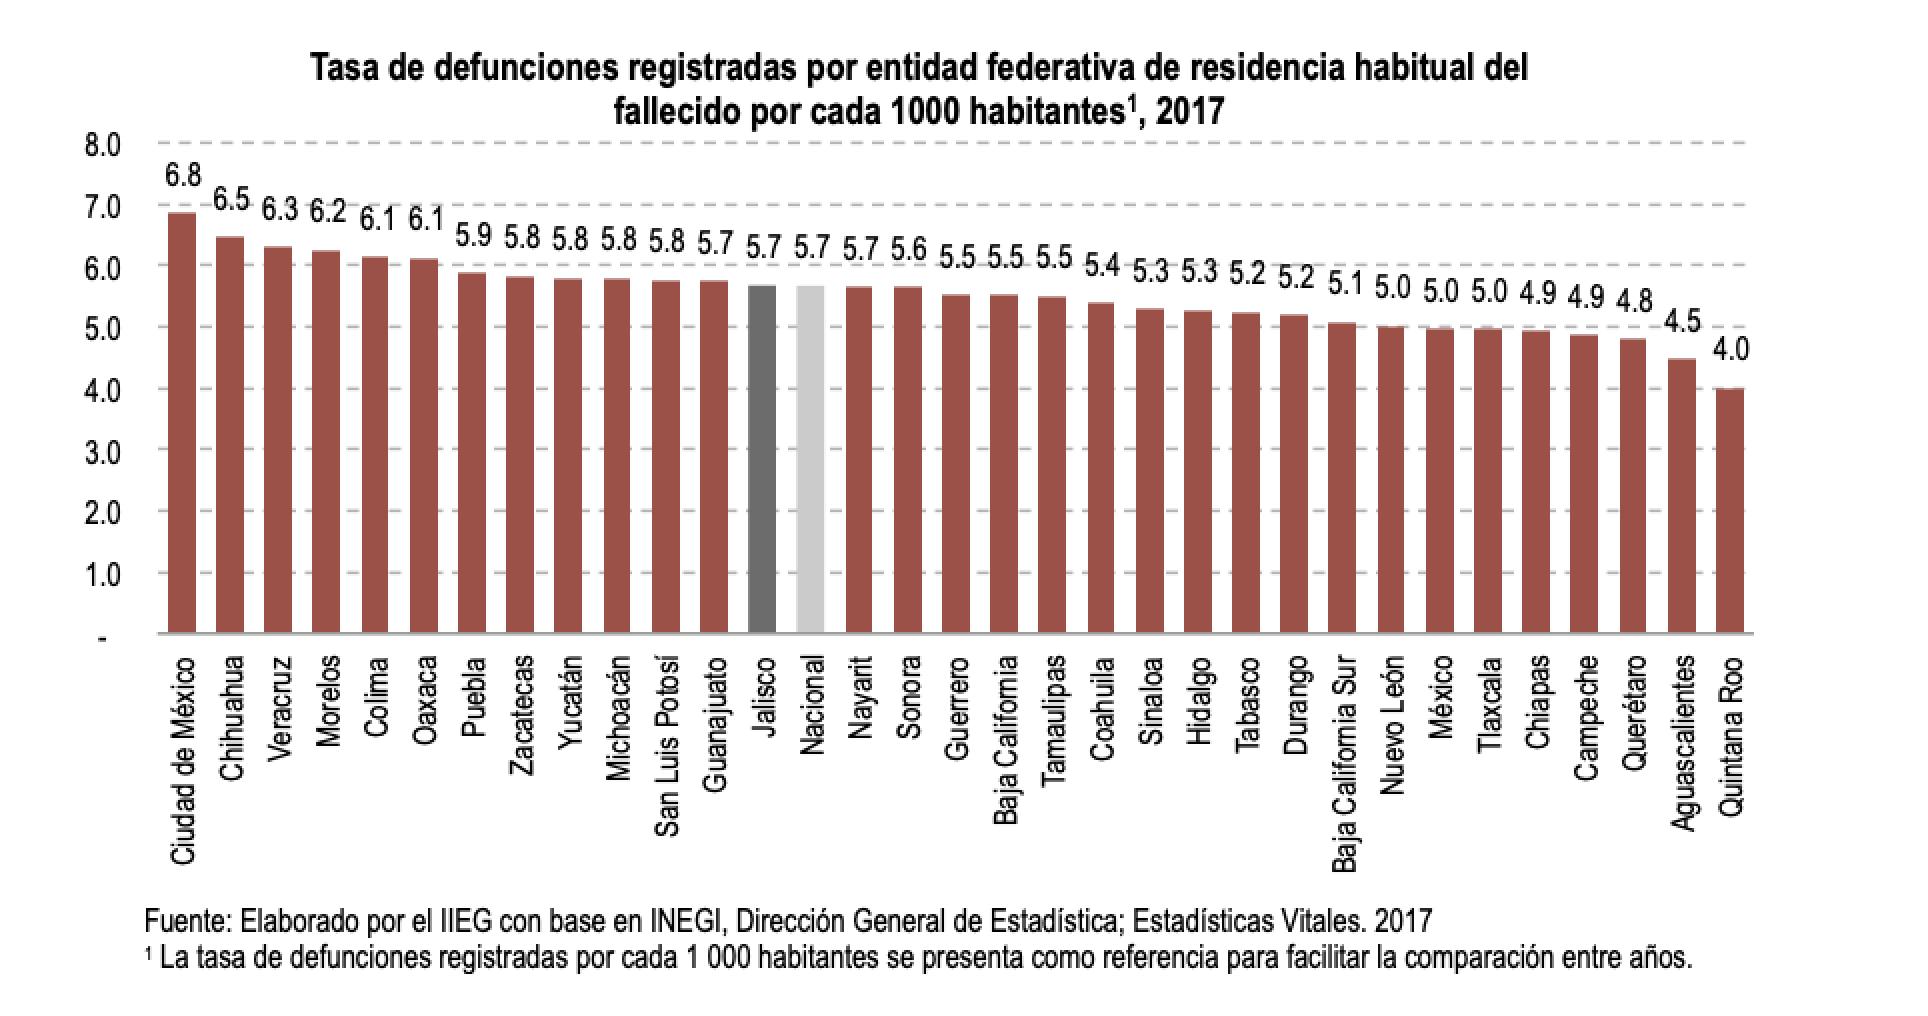 Tasa de defunciones registradas por entidad federativa de residencia habitual del fallecido